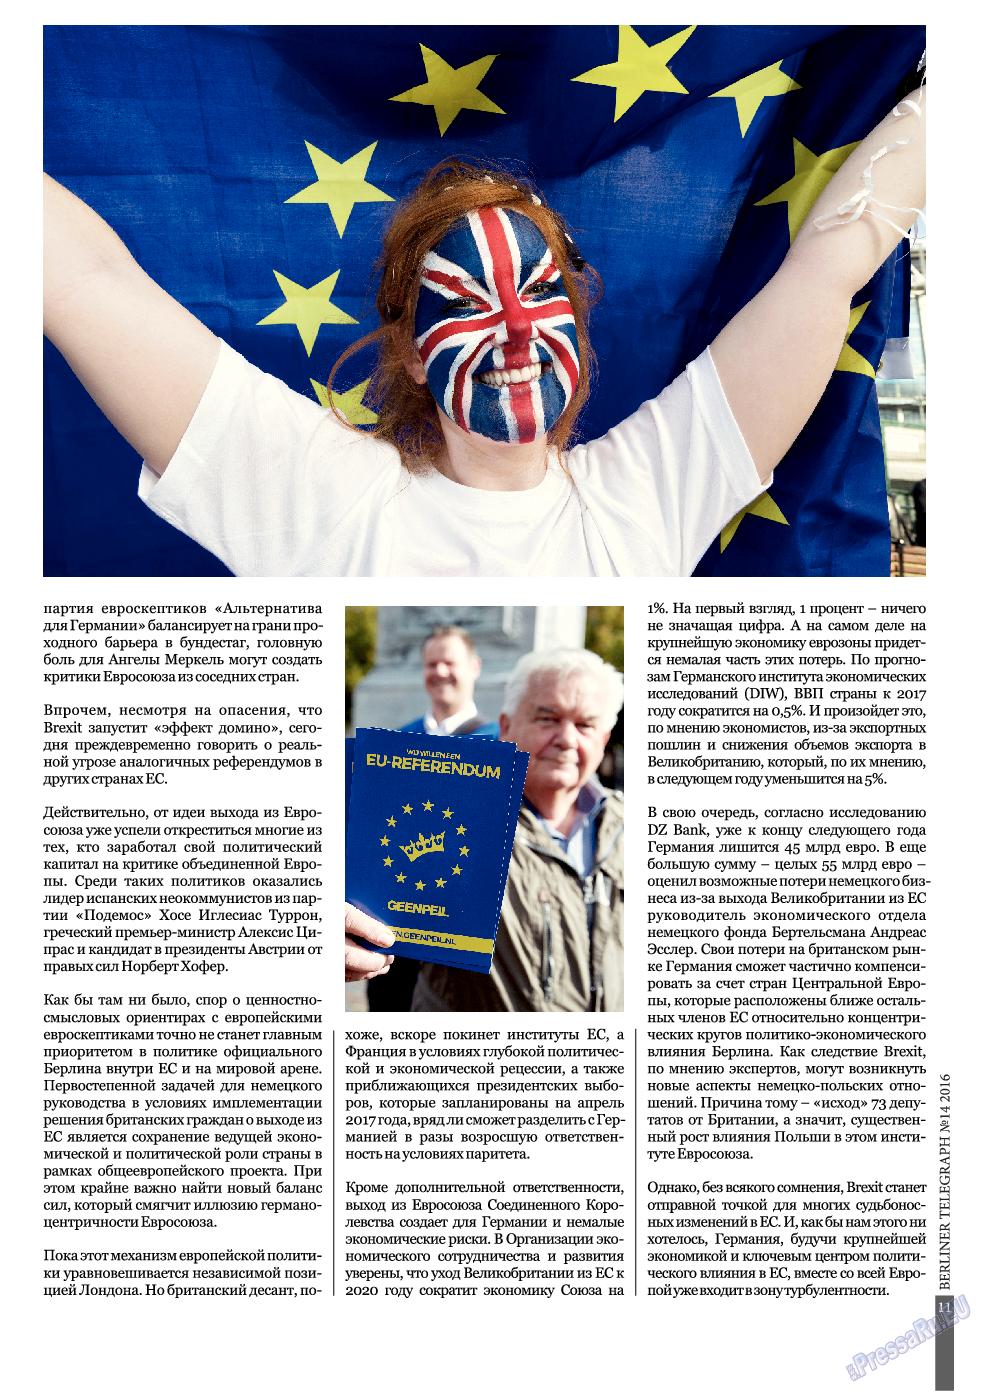 Берлинский телеграф (журнал). 2016 год, номер 14, стр. 11